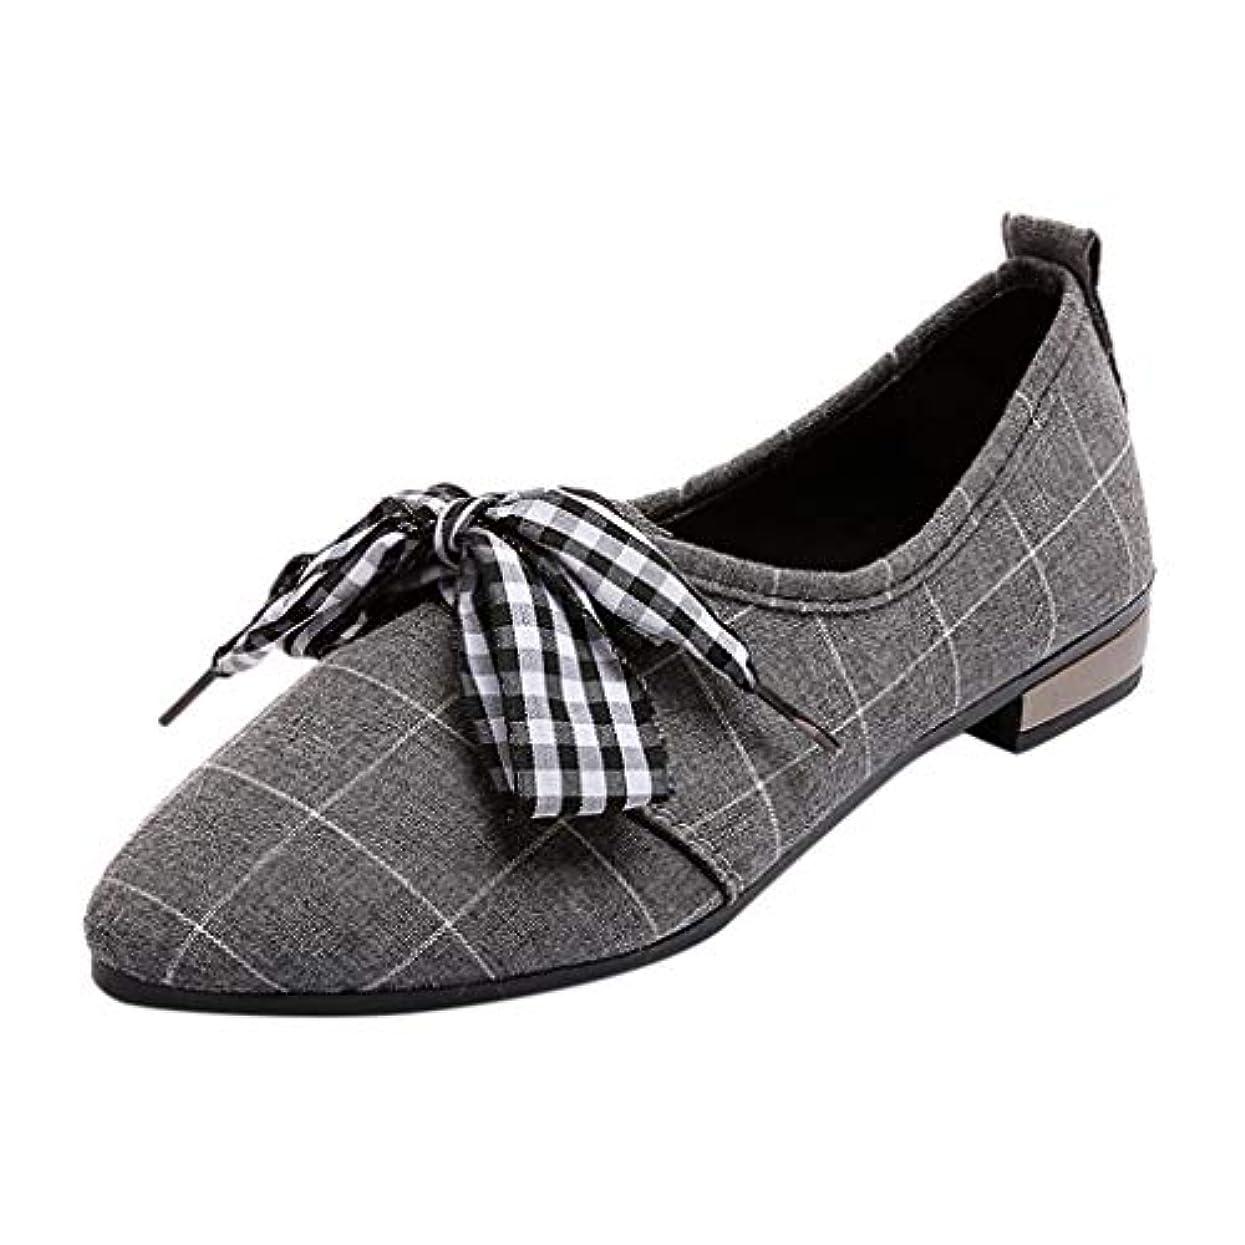 取り消す毎週レタスフラットシューズ レディース Hodarey レディース フラット シューズ パンプス リボン バレエシューズ 歩きやすい 弓 ローカットカジュアルシューズ ファッション 浅口 尖った フラットシューズ 無地 女性の靴 かわいい 履きやすい 美脚